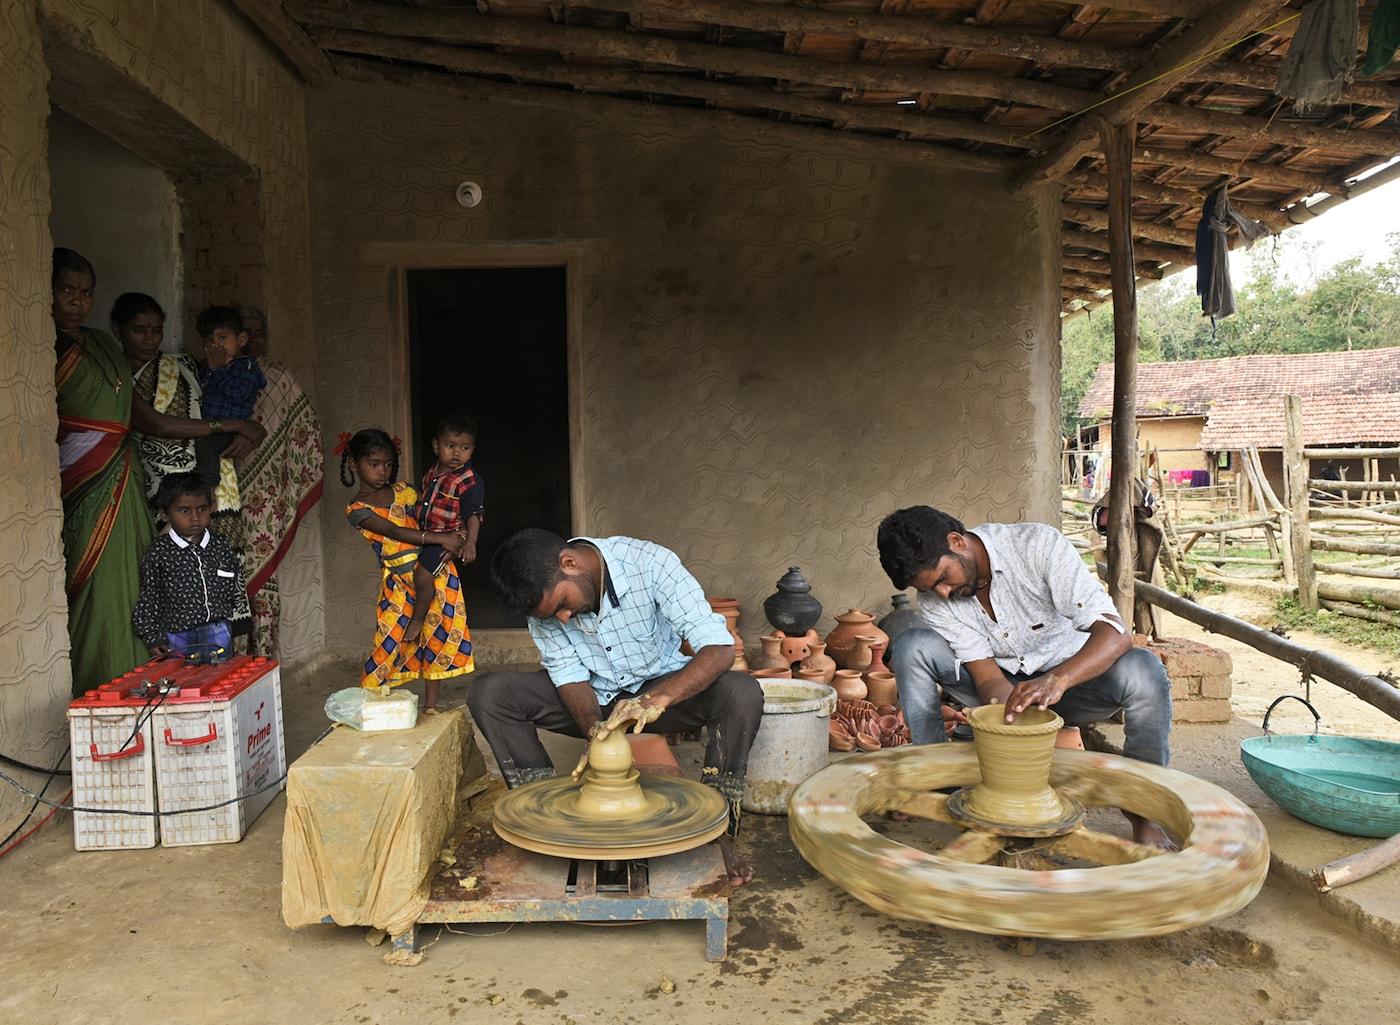 Dva indičtí hrnčíři u hrnčířských kruhů, sledovaní dalšími vesničany.